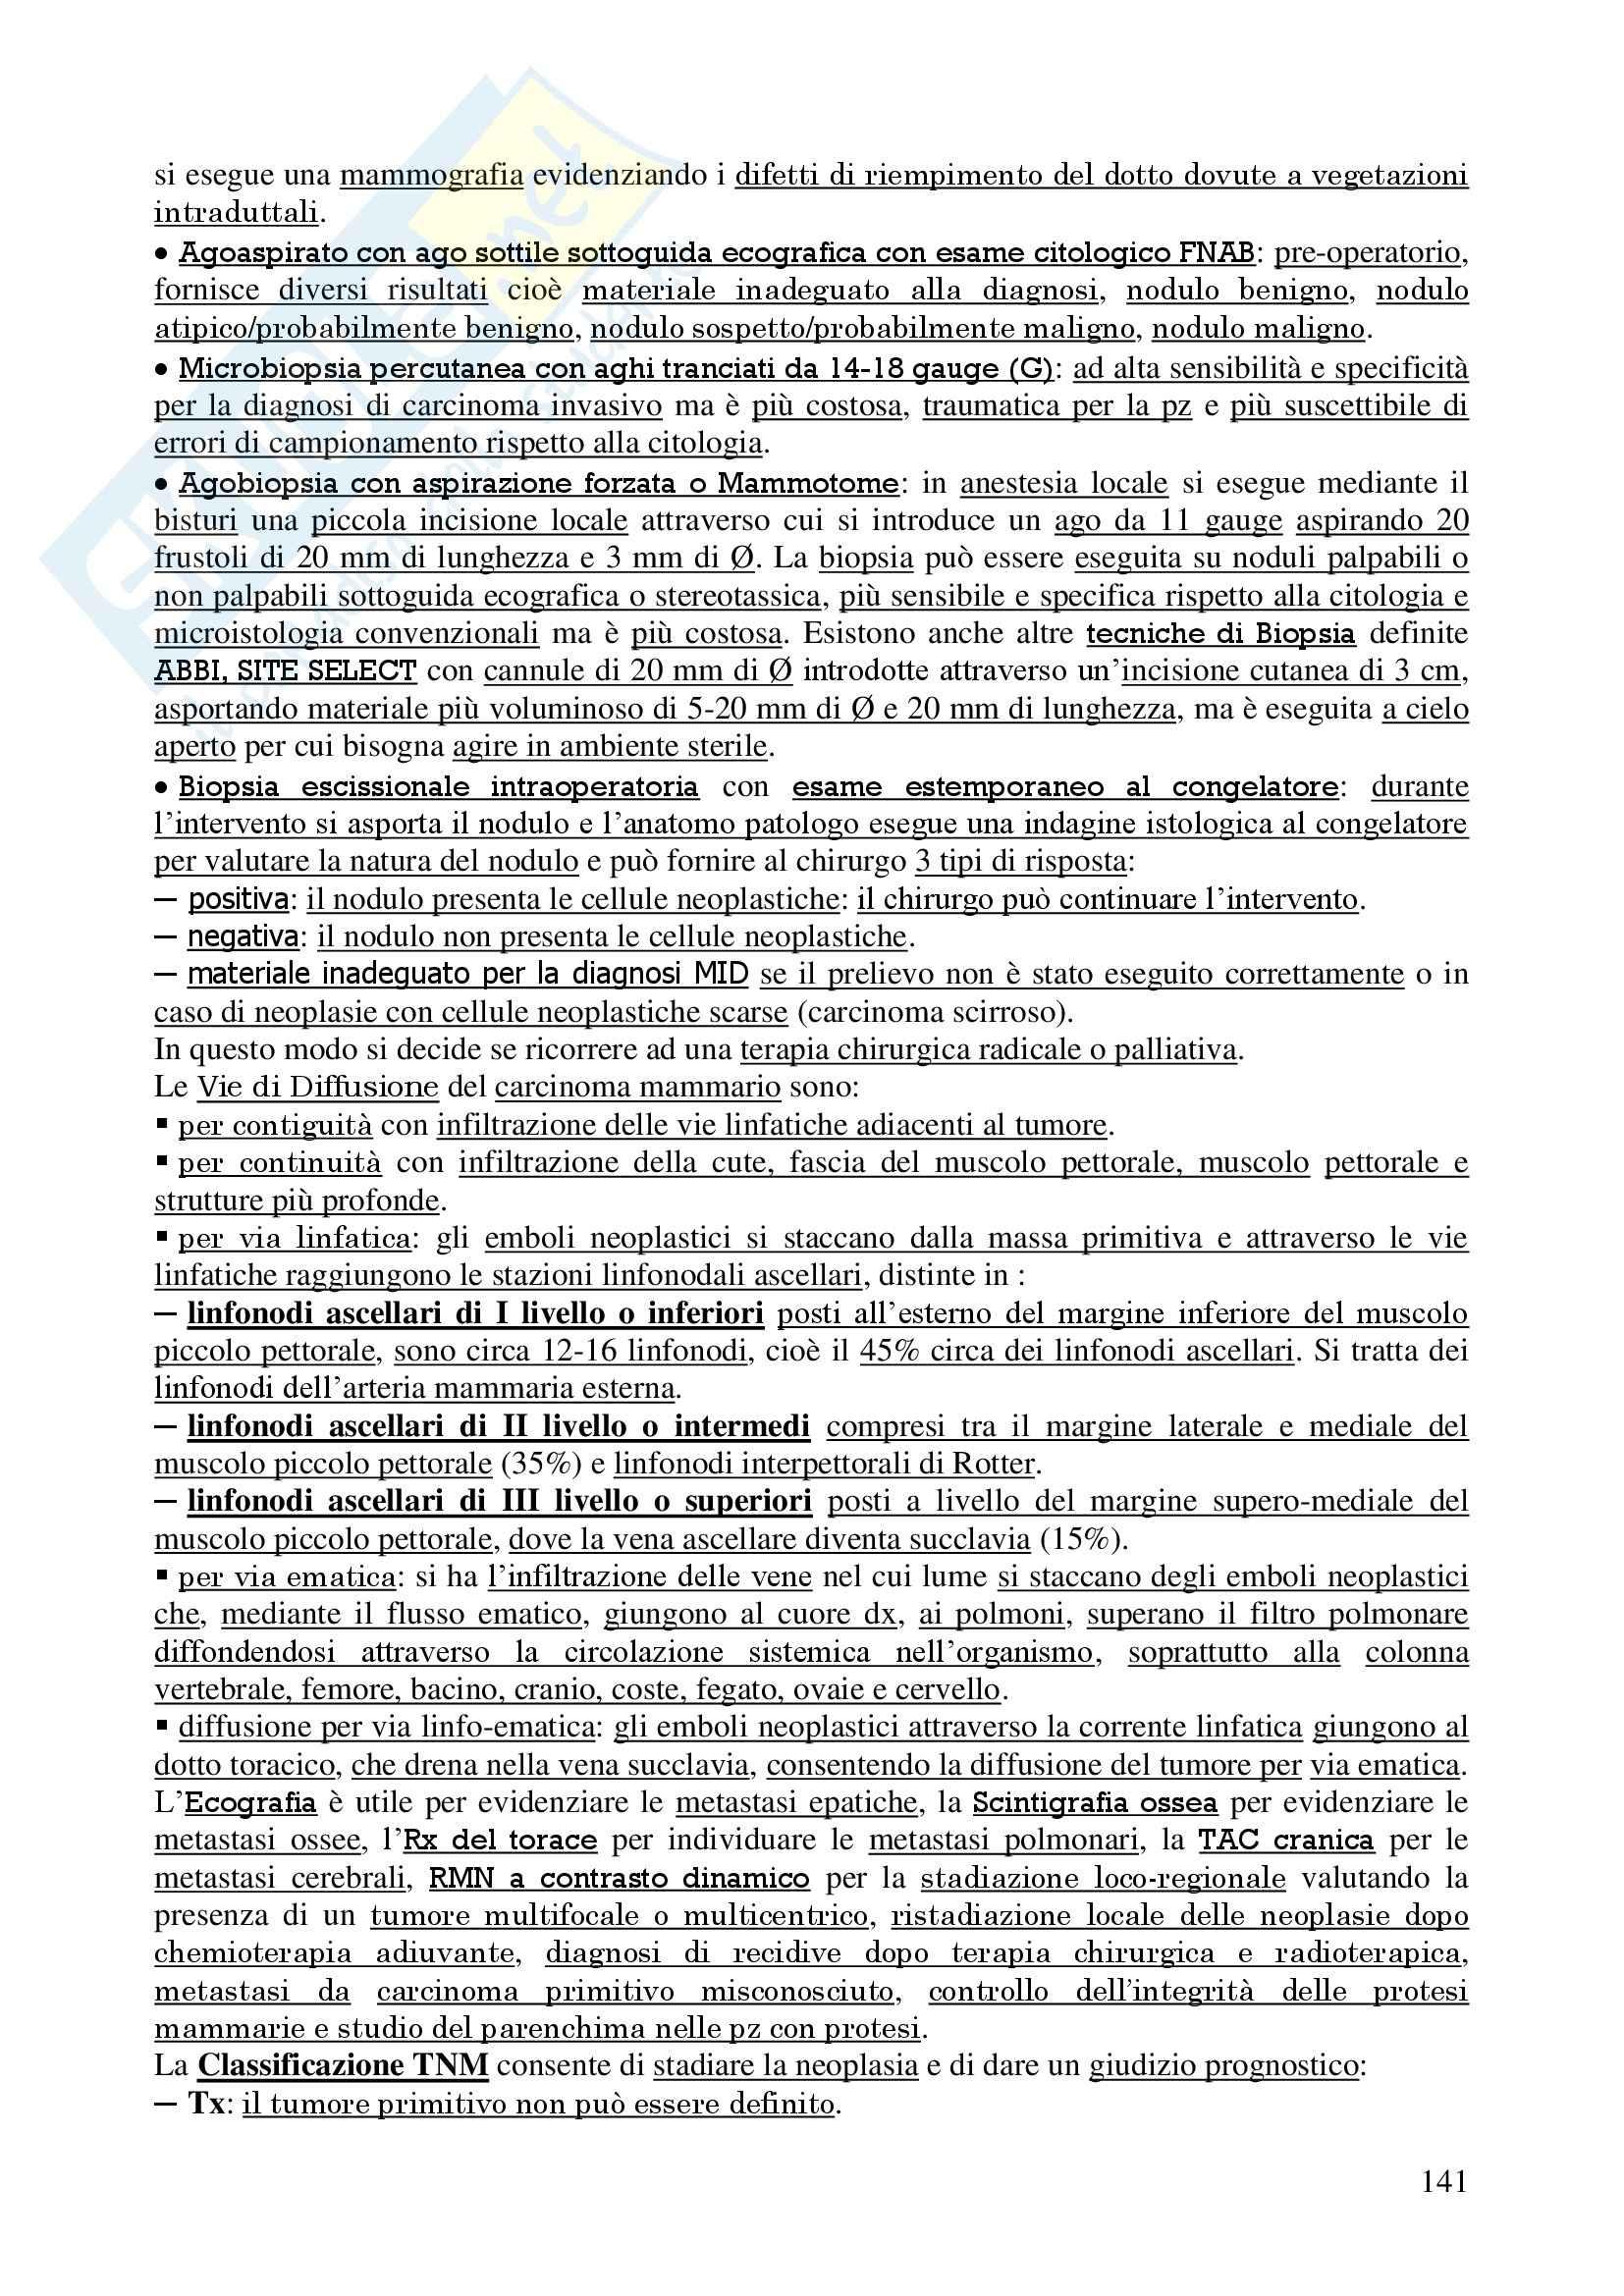 Chirurgia - chirurgia generale - Appunti Pag. 141